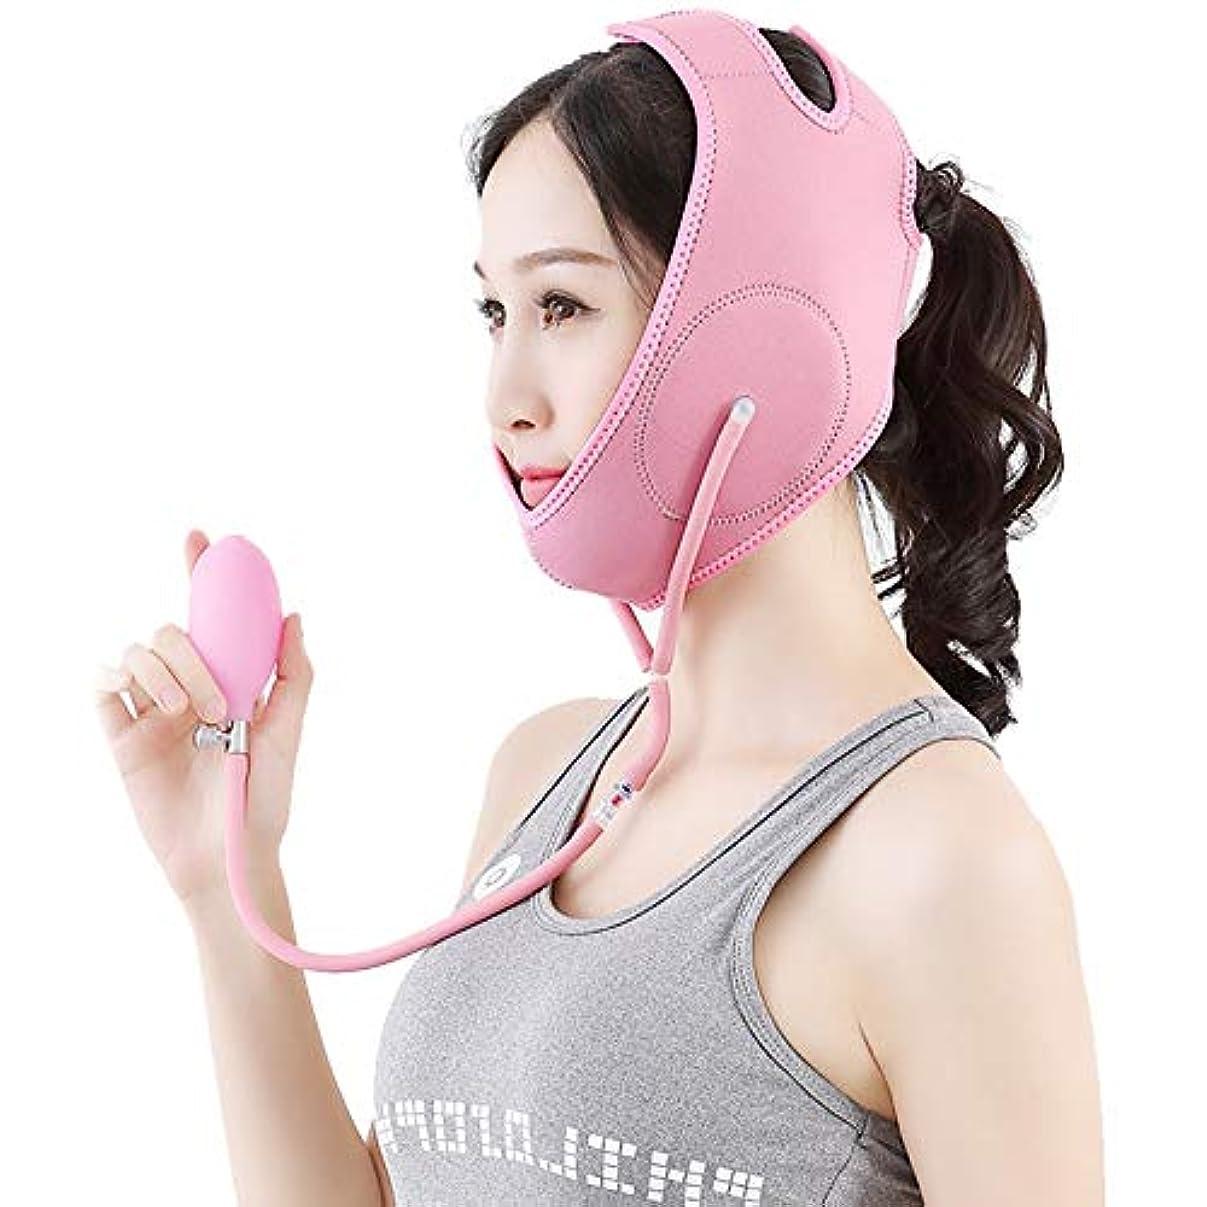 メトロポリタンクライストチャーチ進化XINGZHE フェイシャルリフティング痩身ベルトダブルエアバッグ圧力調整フェイス包帯マスク整形マスクが顔を引き締める フェイスリフティングベルト (色 : ピンク, サイズ さいず : M)